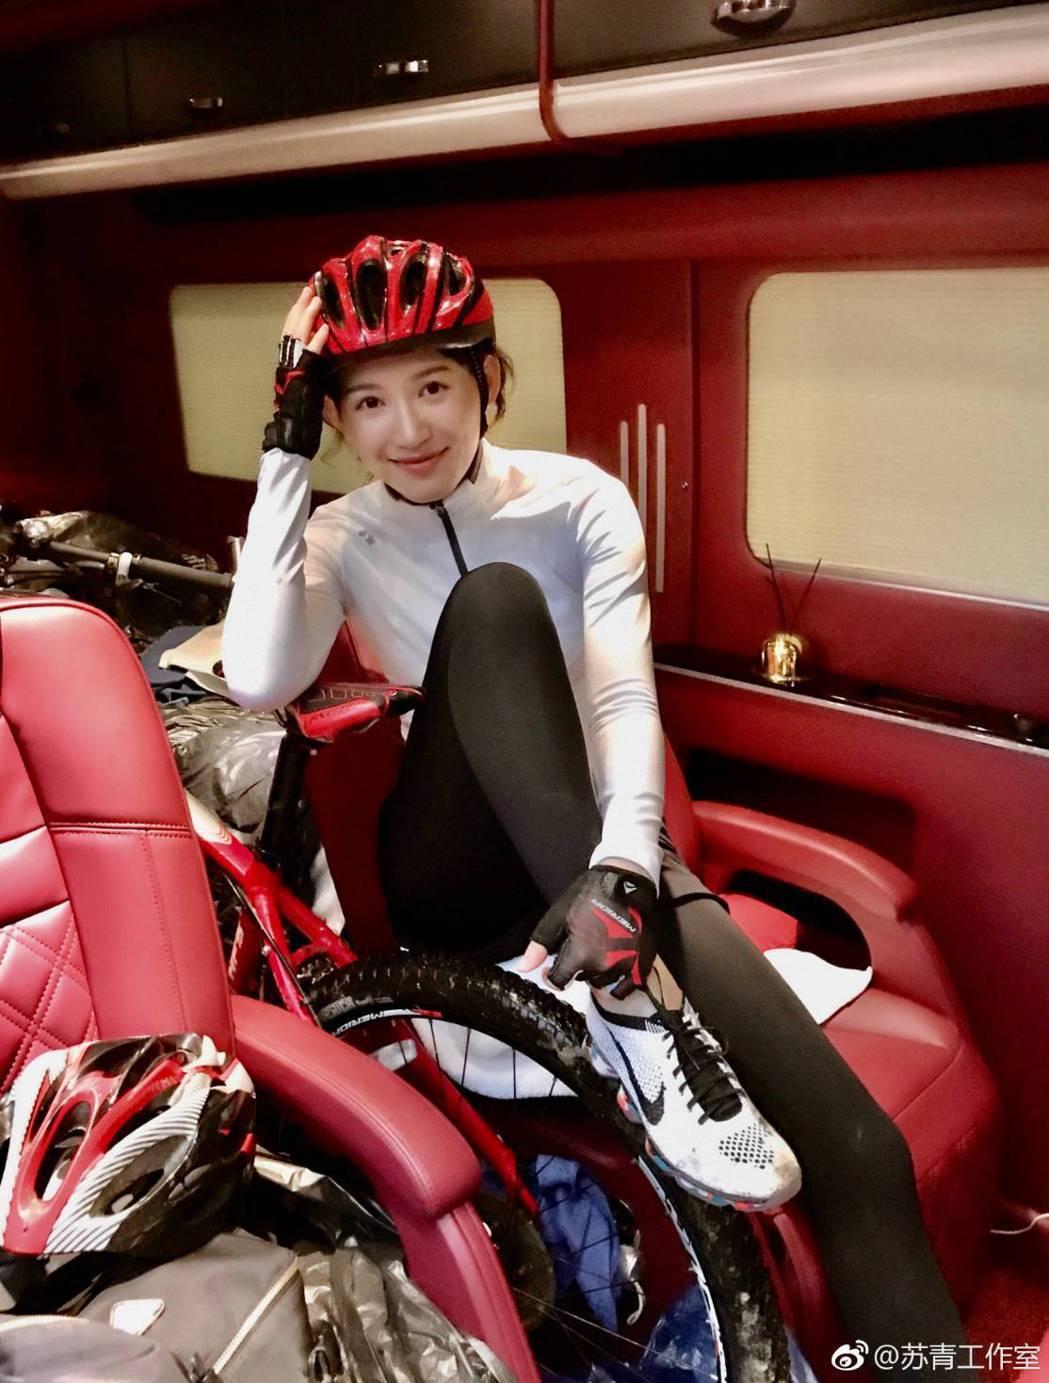 「爾晴」扮演者蘇青私下是運動陽光美少女。圖/摘自微博